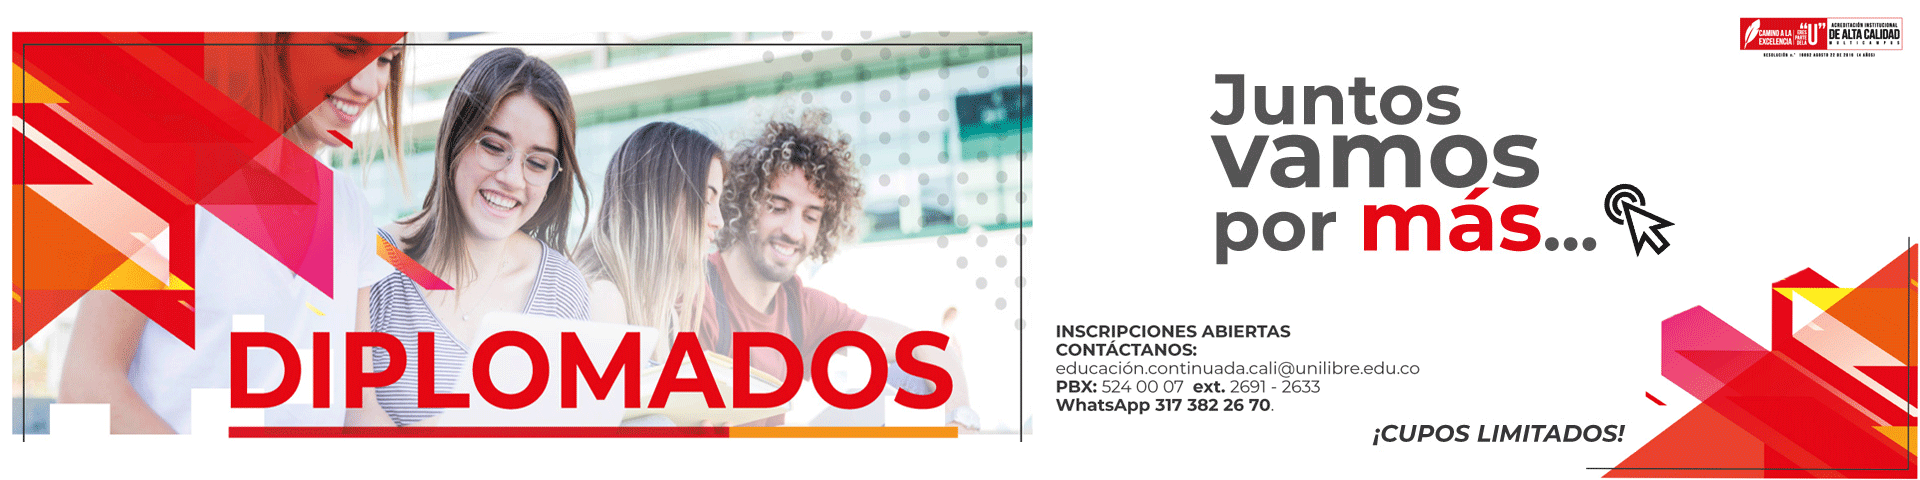 banner_diplomados_educ